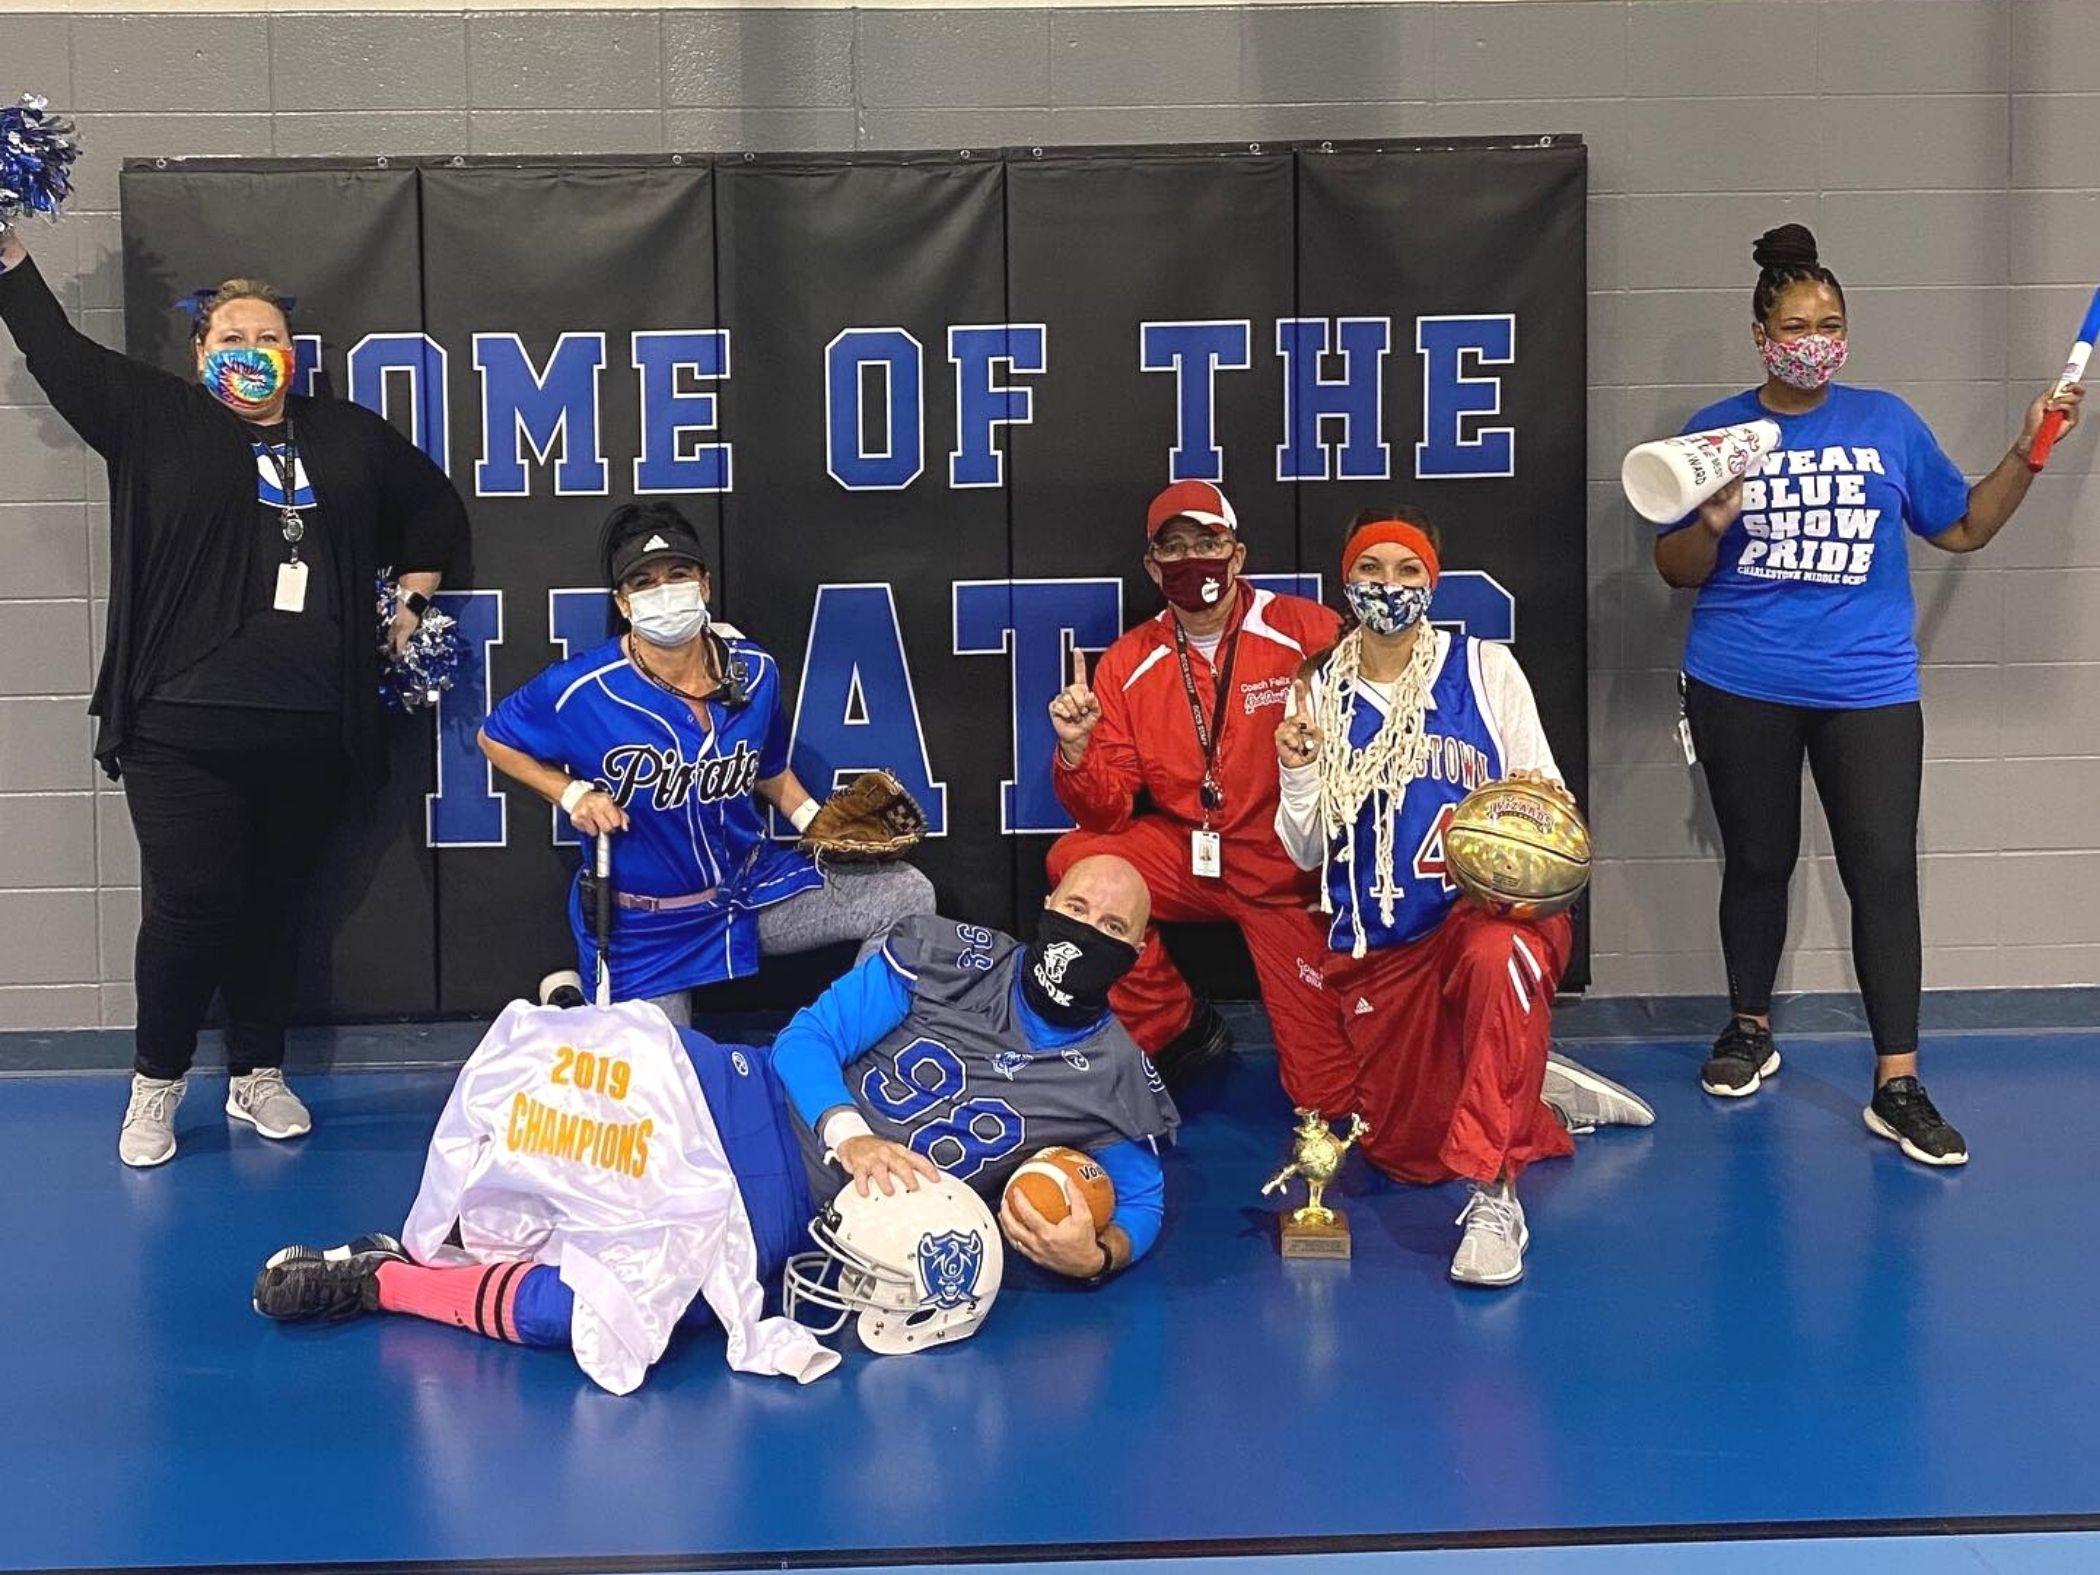 Staff members pose in team spirit wear